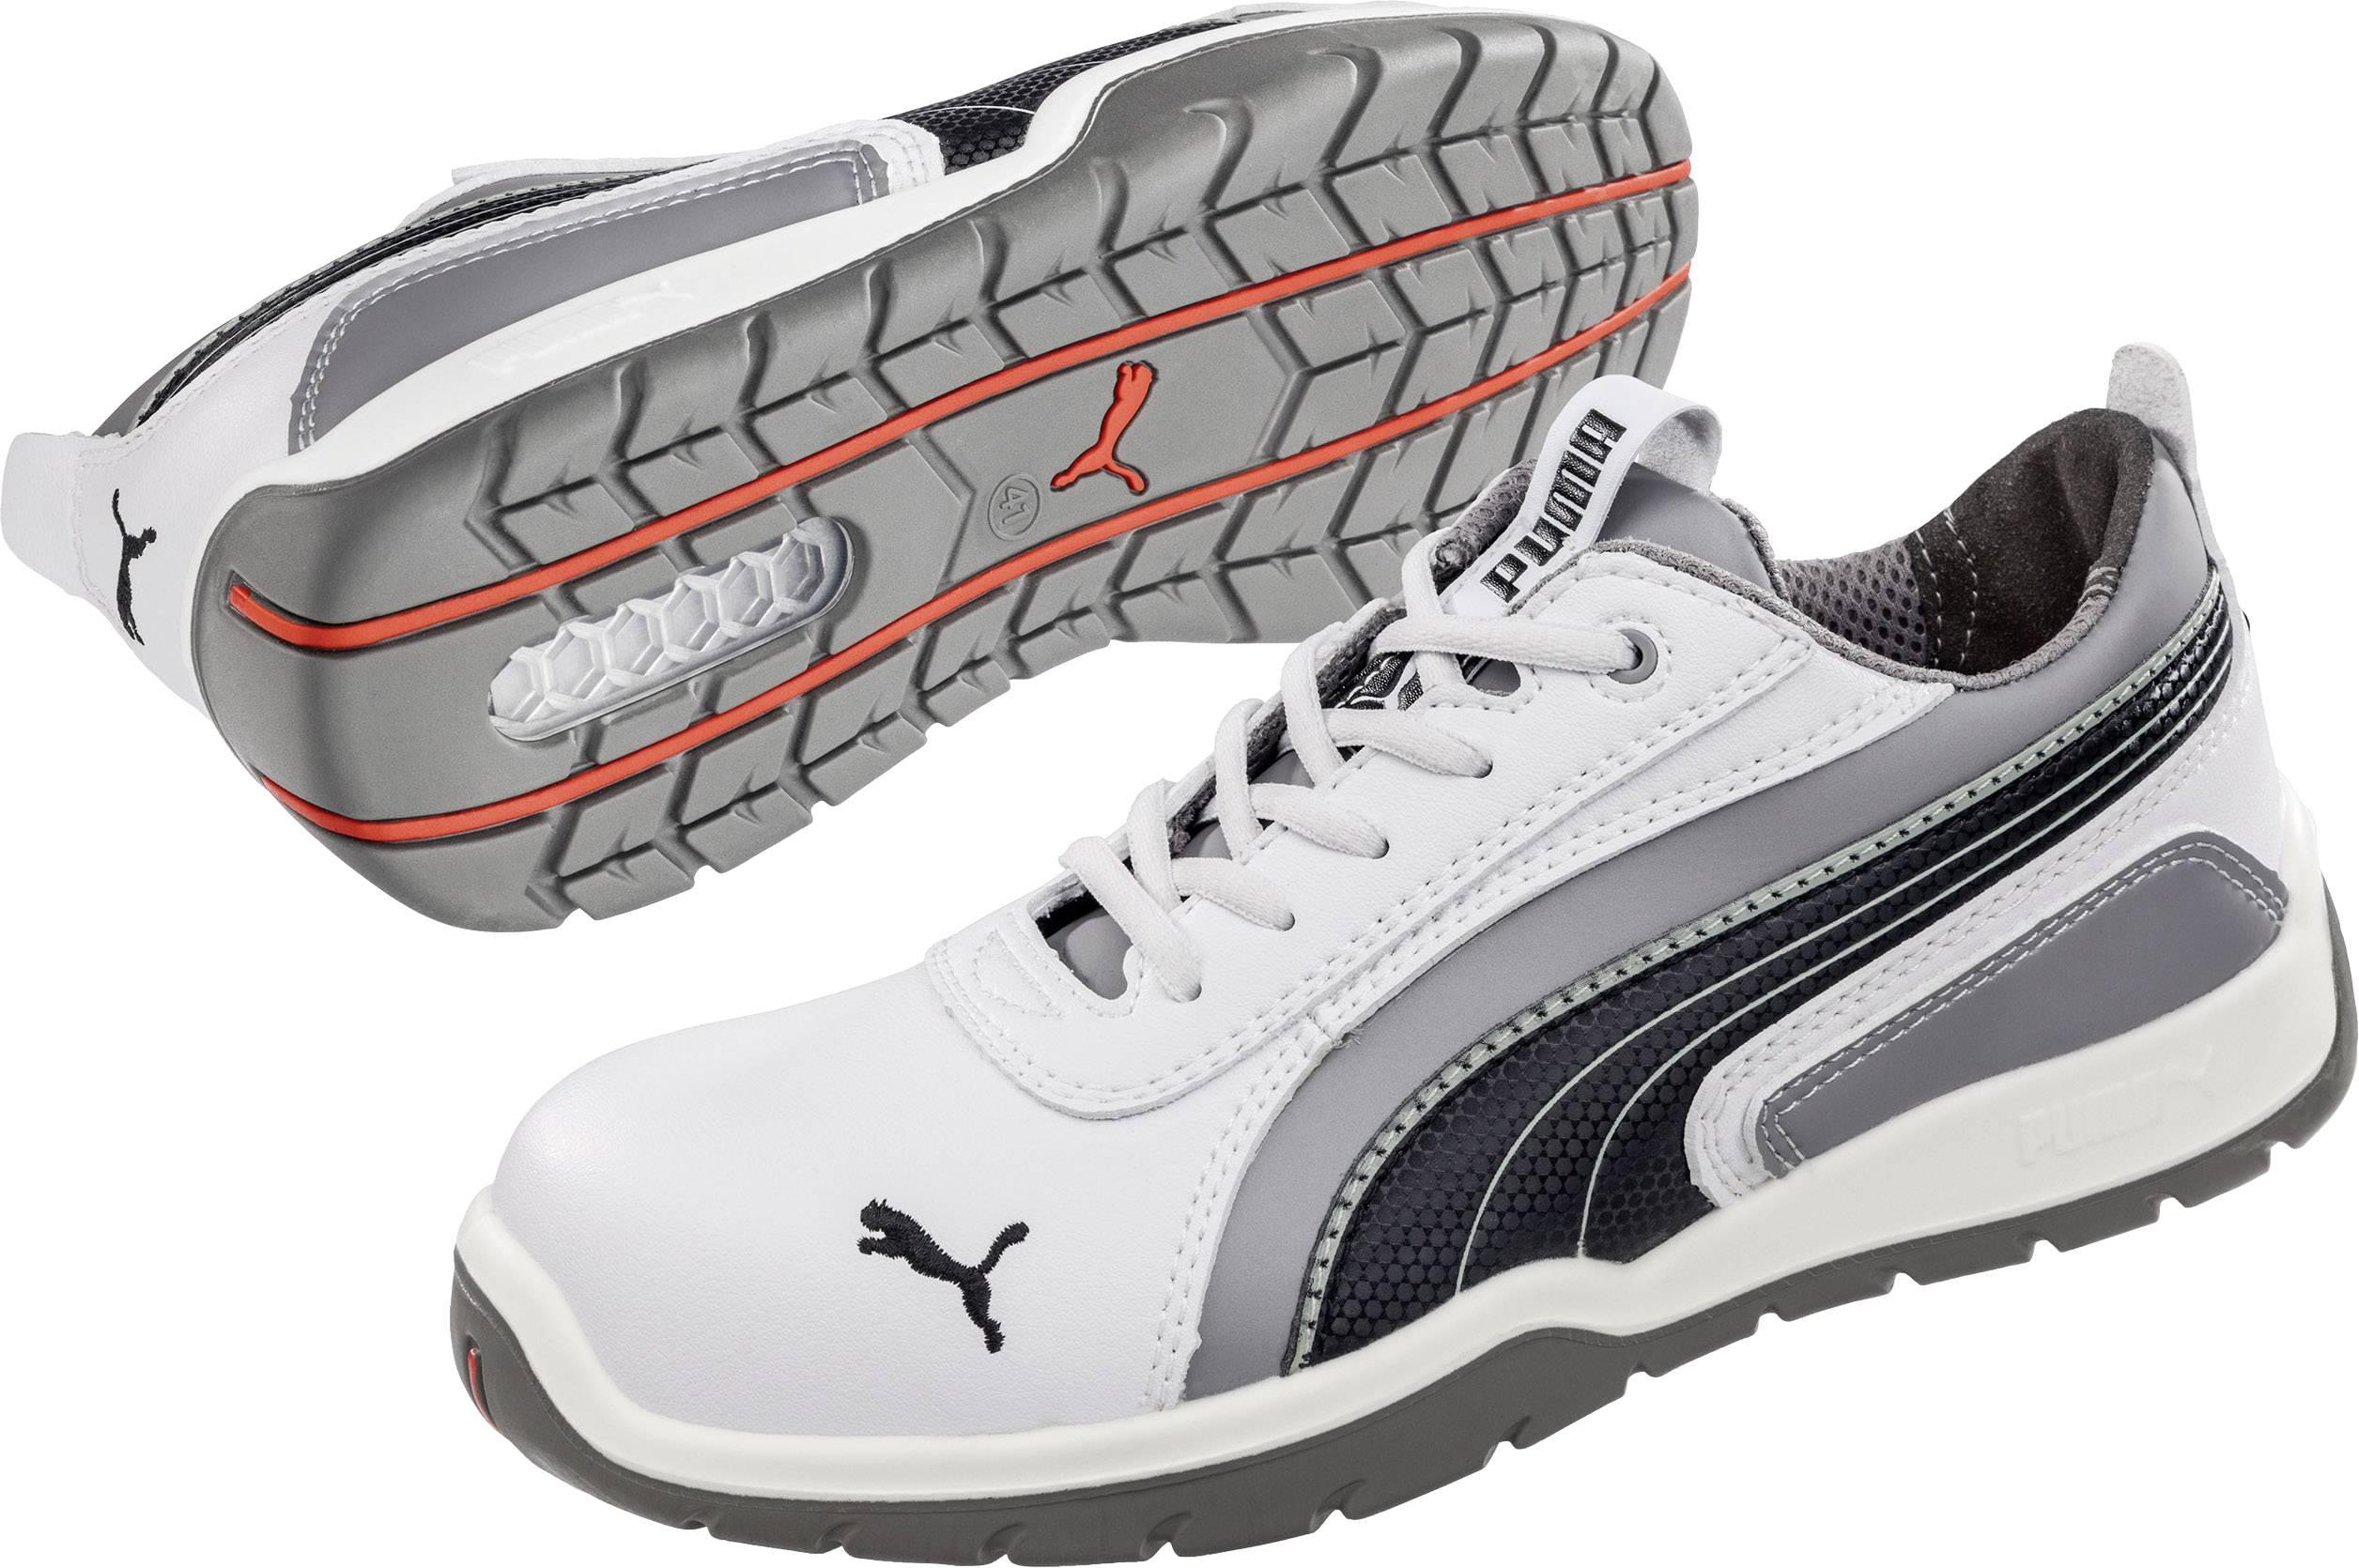 Bezpečnostná obuv S3 PUMA Safety Monaco Low 642650, veľ.: 45, biela, sivá, 1 pár